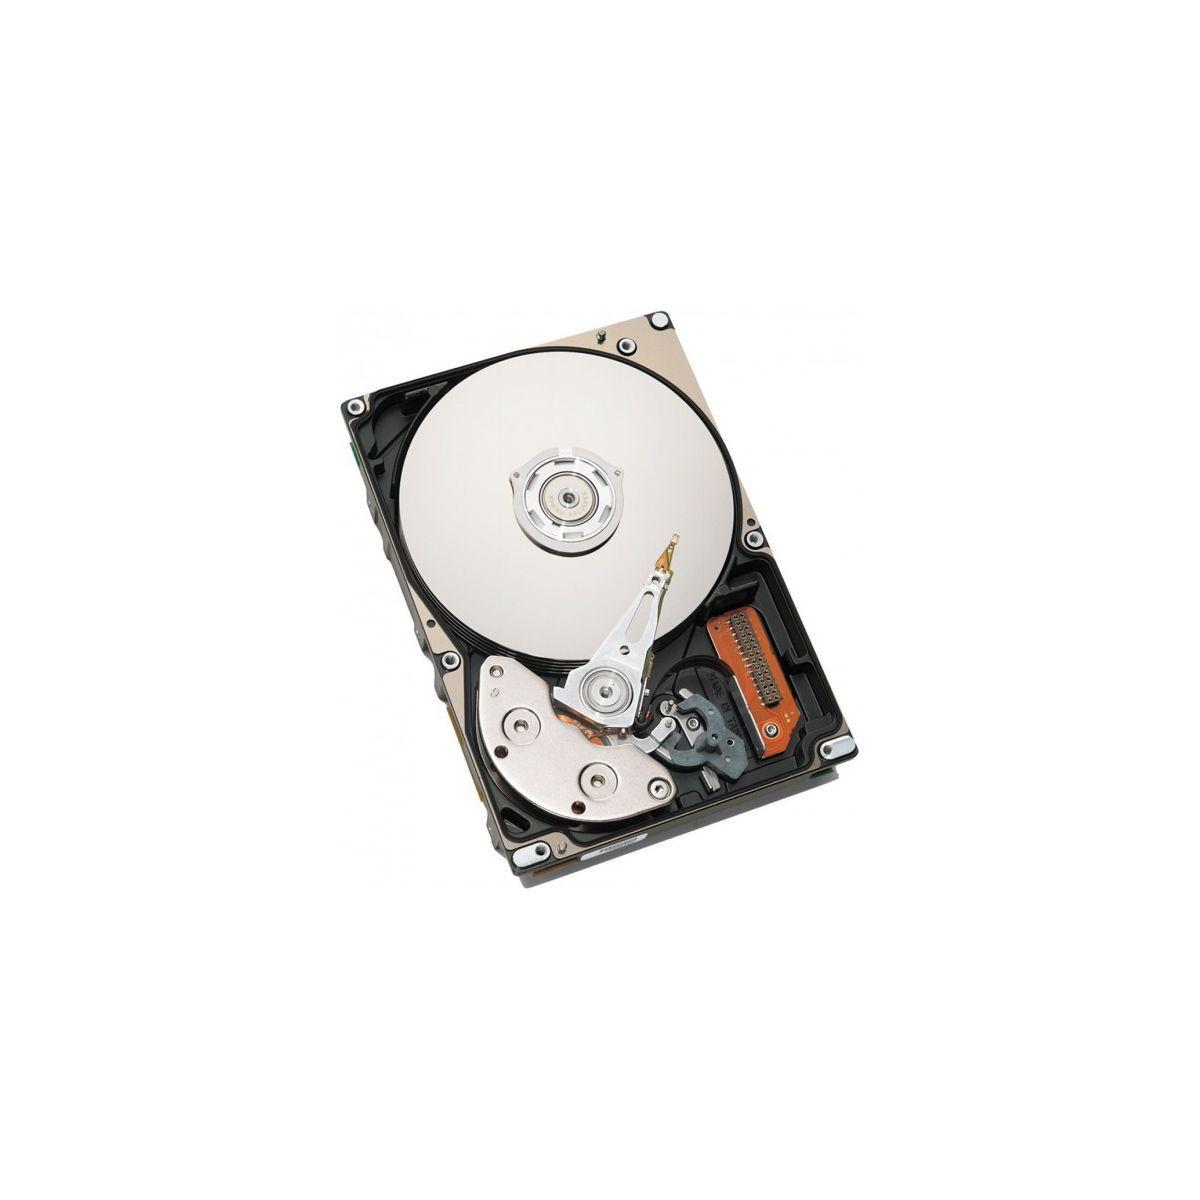 Disque dur interne storex int 3,5'' 2tb storex - 2% de remise imm�diate avec le code : fete2